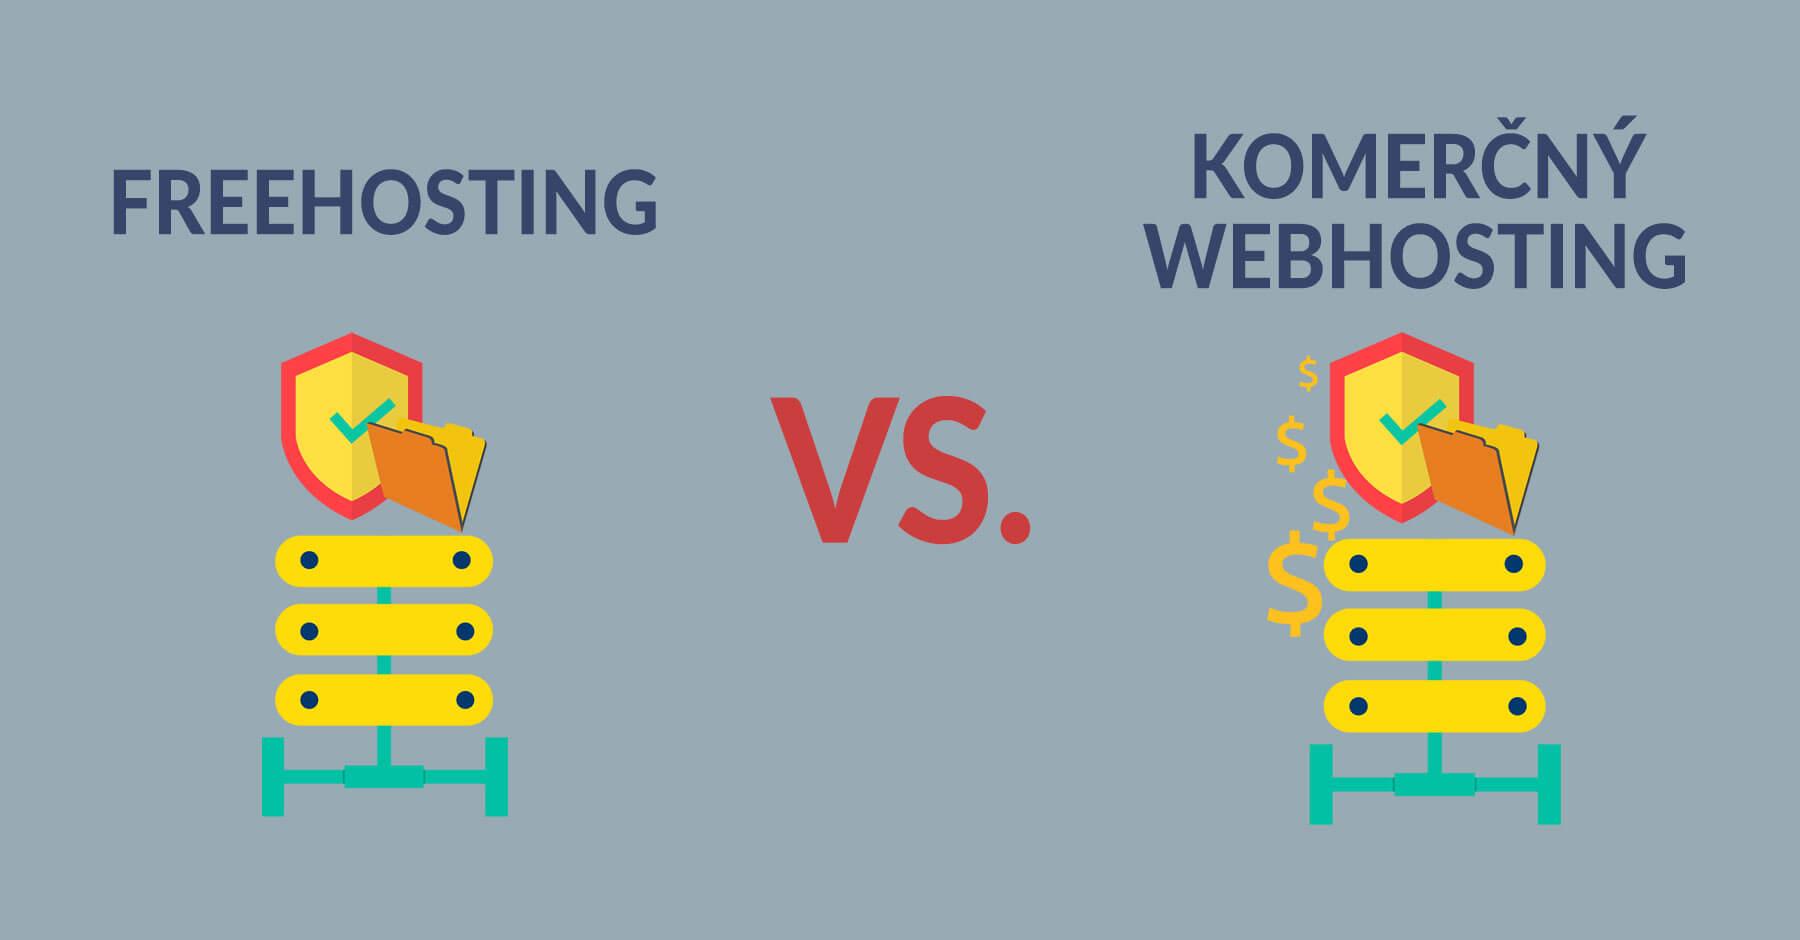 freehosting vs komercny webhosting